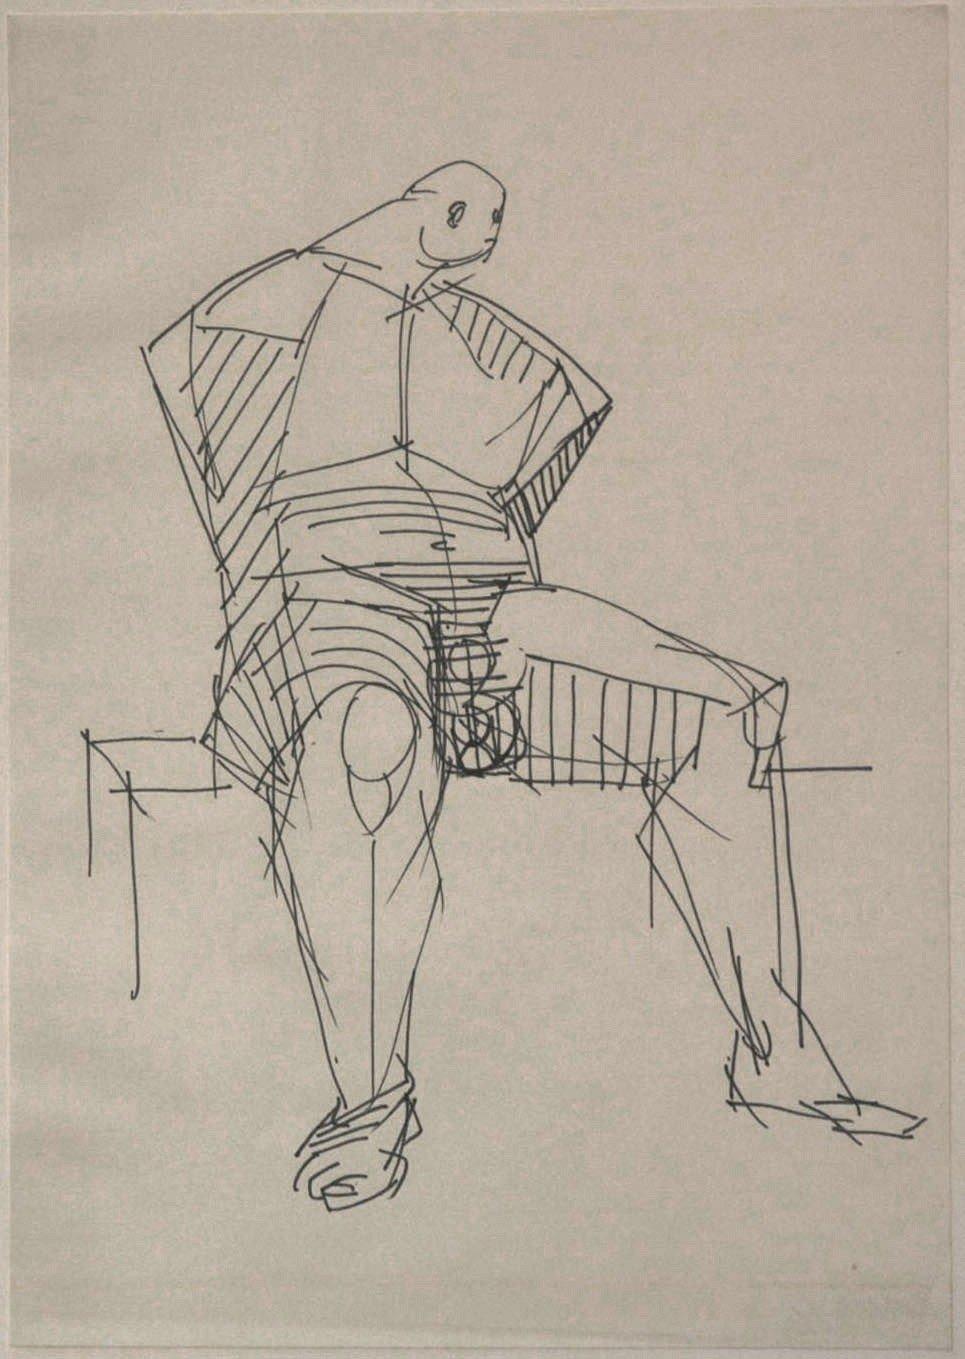 Studie zum Catcher, Vorderansicht, 1963/66, Filzstift in Schwarz; © Gustav Seitz Stiftung, Hamburg